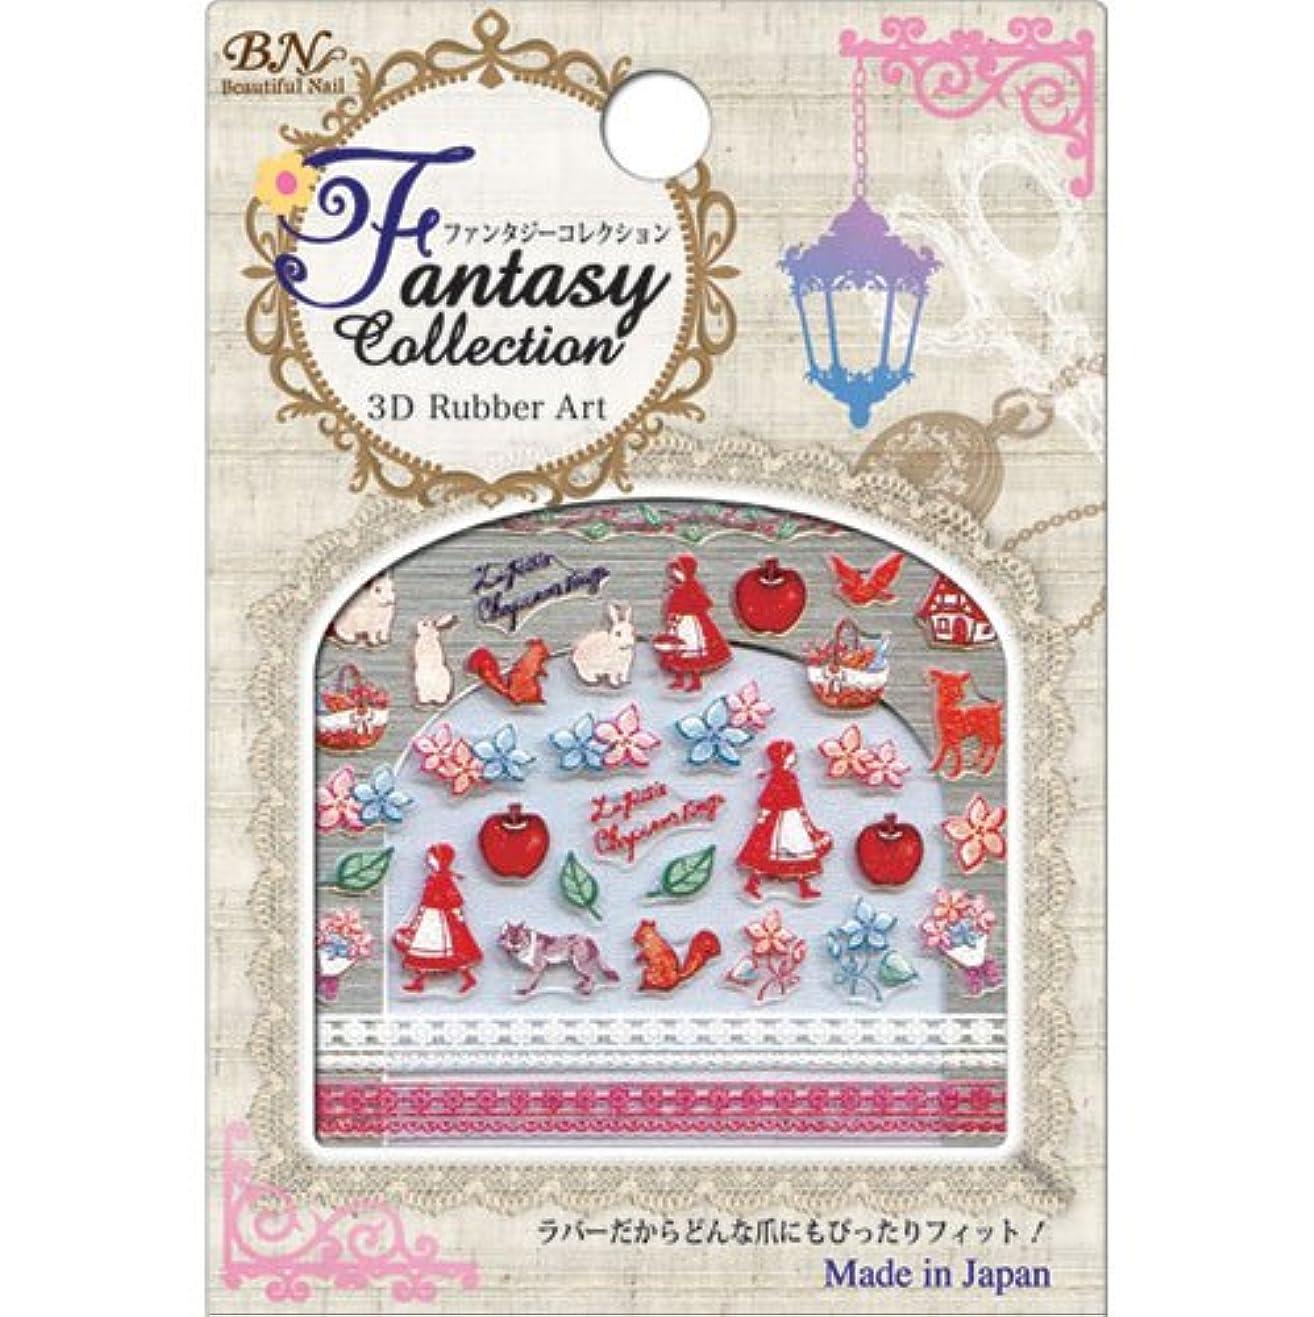 守るエアコンプログラムビーエヌ ネイルシール ネイルアートラバーシール ファンタジーコレクション 赤ずきんちゃん FNT-04